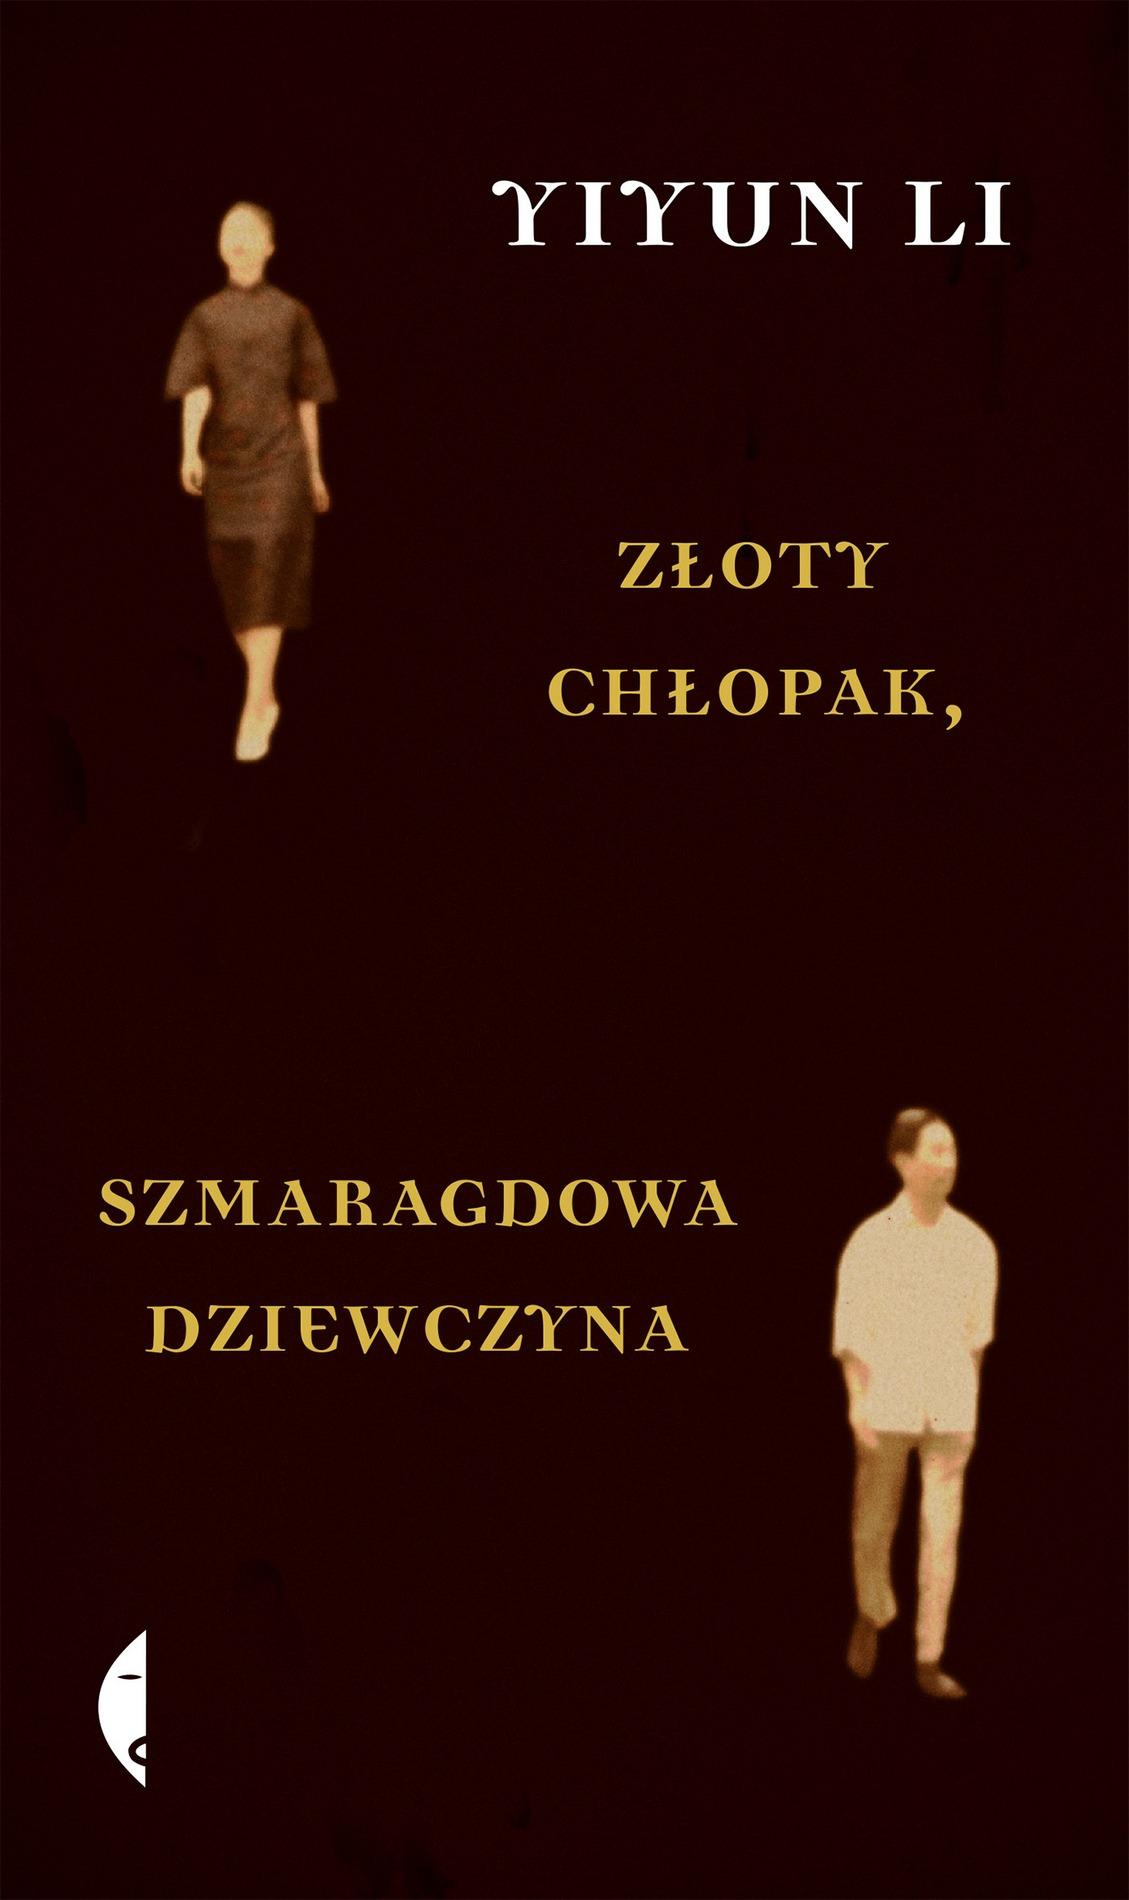 """Yiyun Li, """"Złoty chłopak, szmaragdowa dziewczyna"""" – okładka książki (źródło: materiały prasowe wydawcy)"""